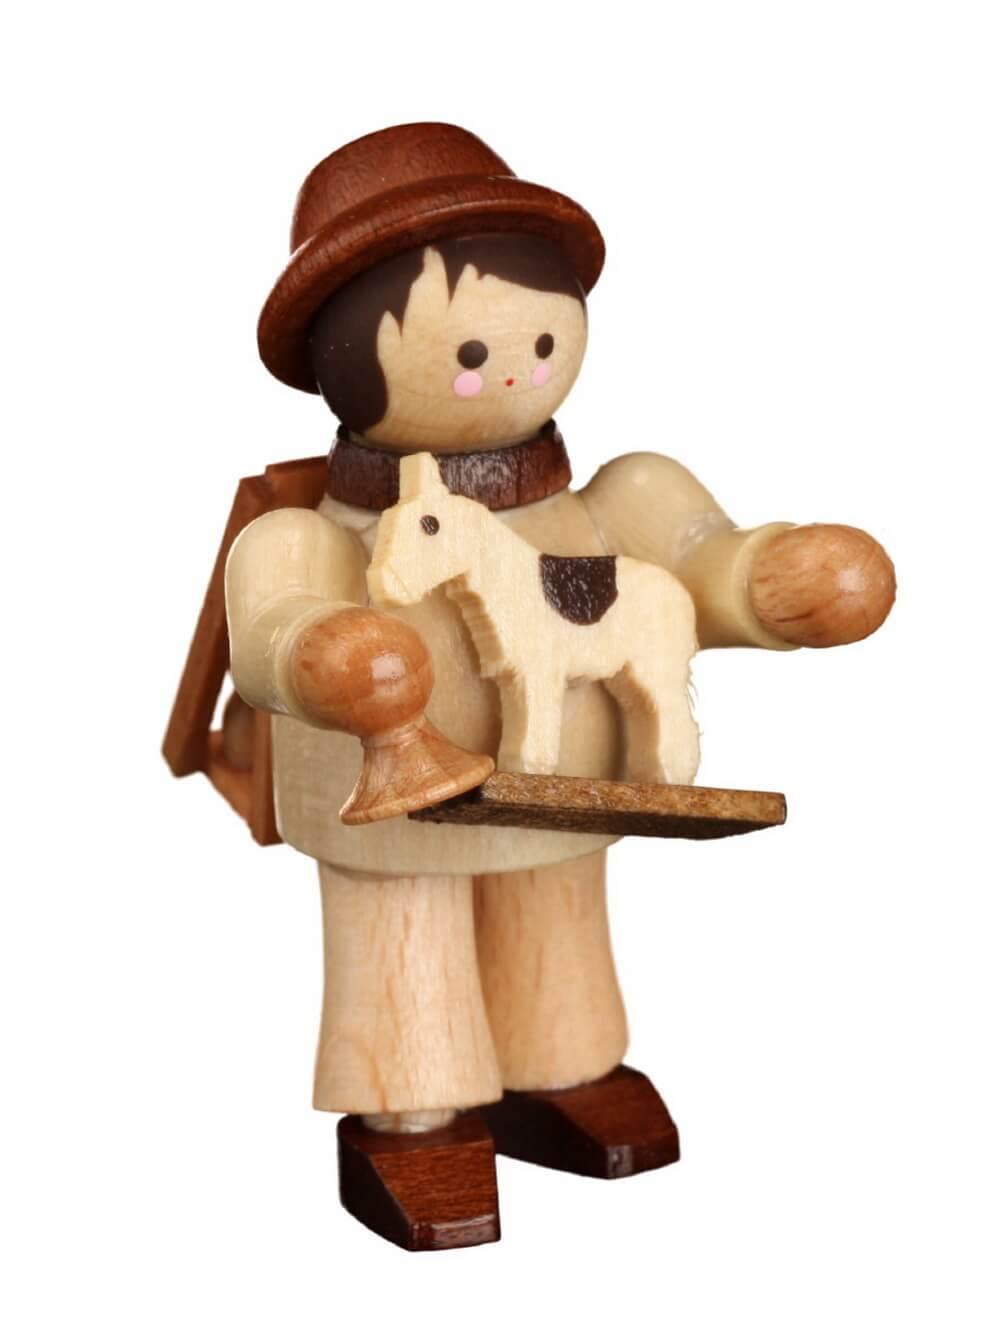 Unser Spielzeughändler, mini in natur von Romy Thiel Deutschneudorf/ Erzgebirge, hat alle Hände voll zu tun. Ja man könnte fast meinen, er macht dem …